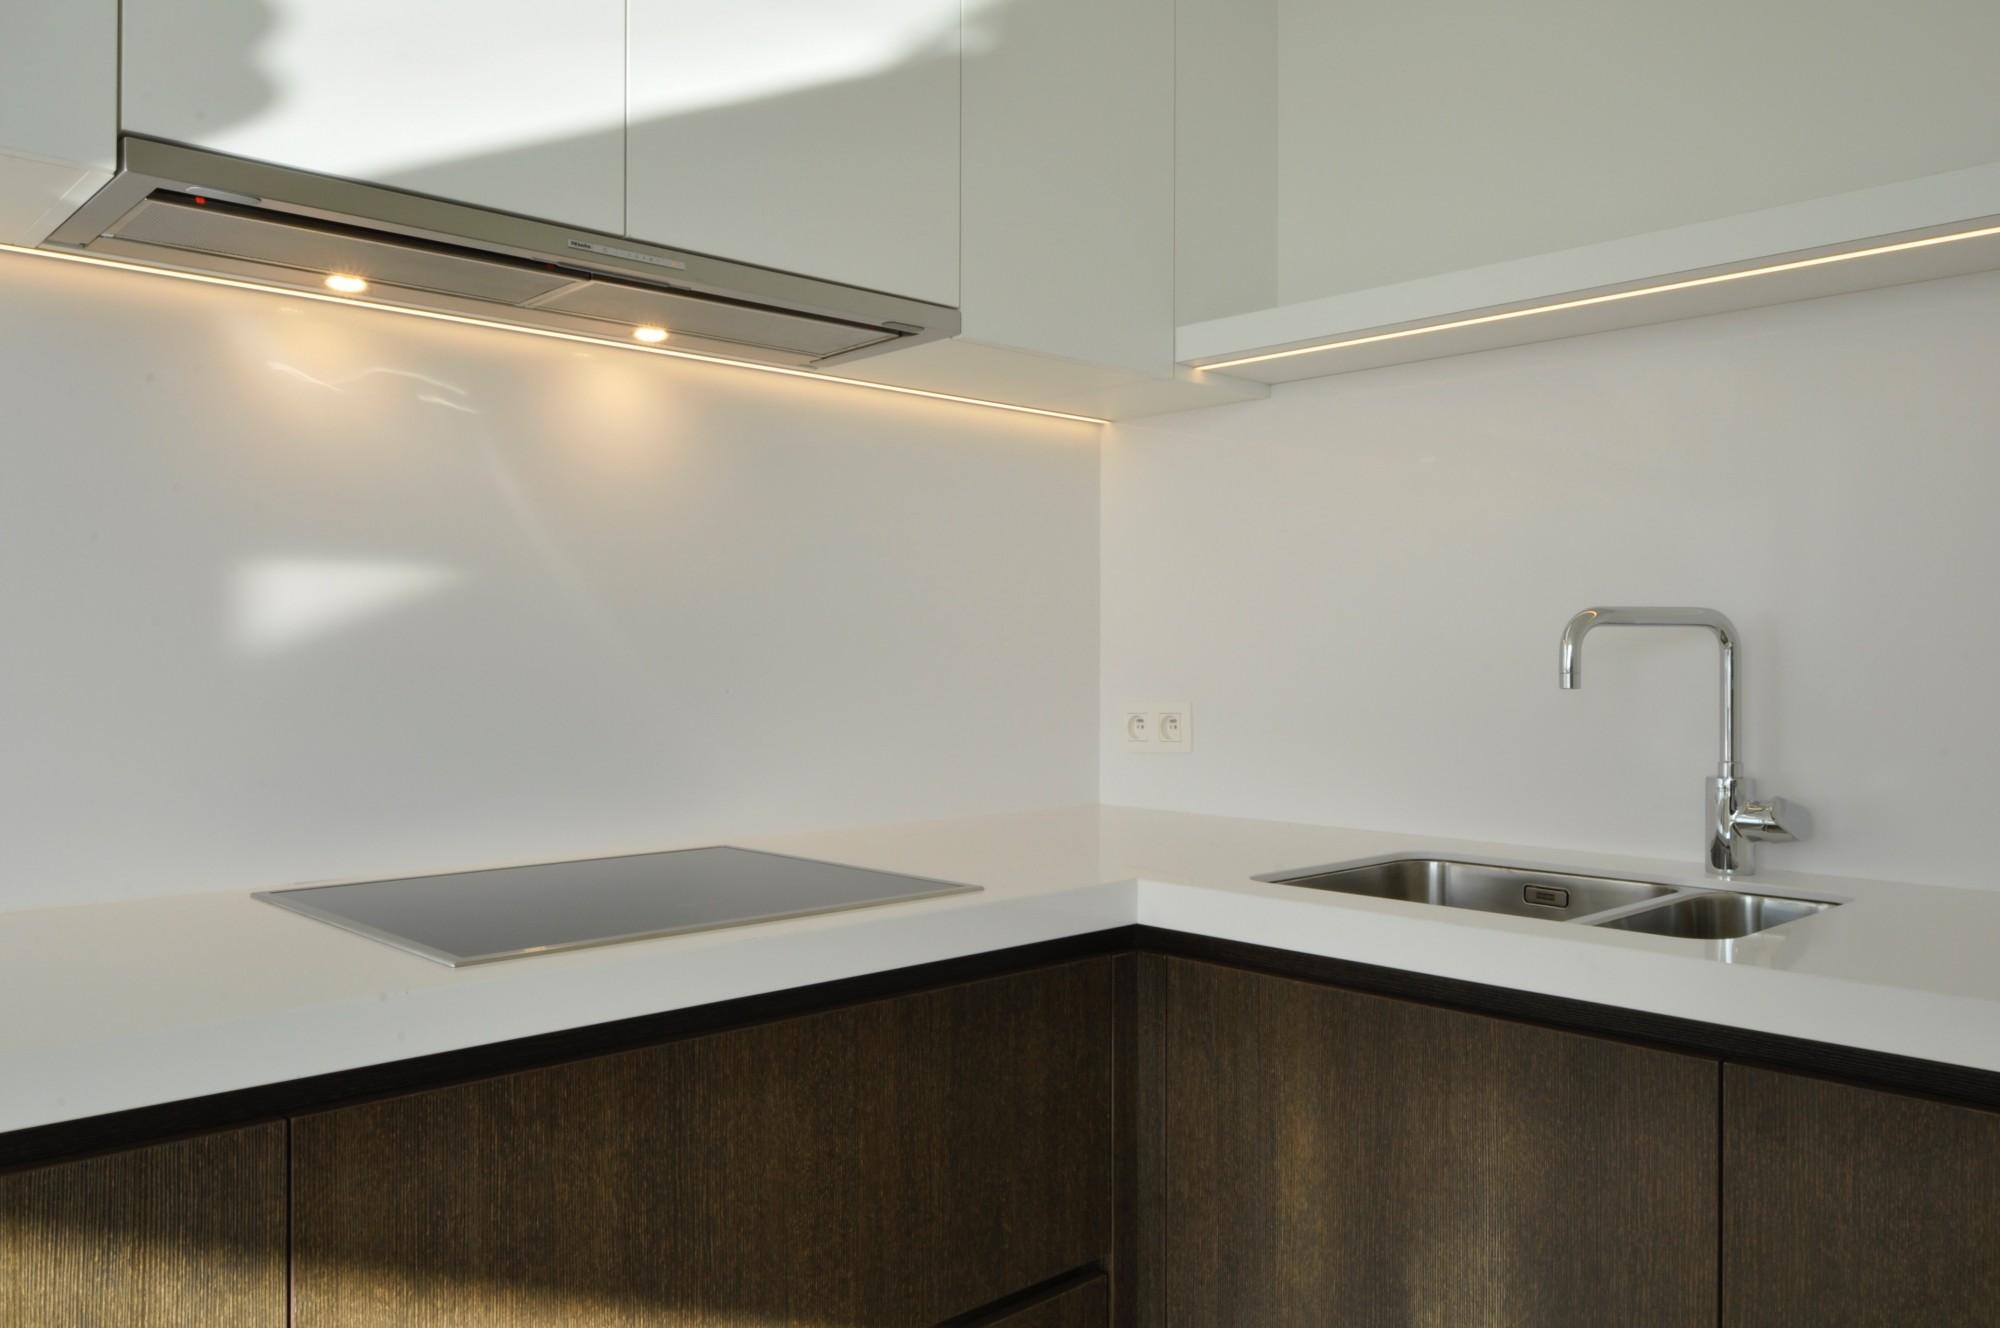 Verkoop appartement t3 f3 knokke heist zeedijk for Huizenverkoop site